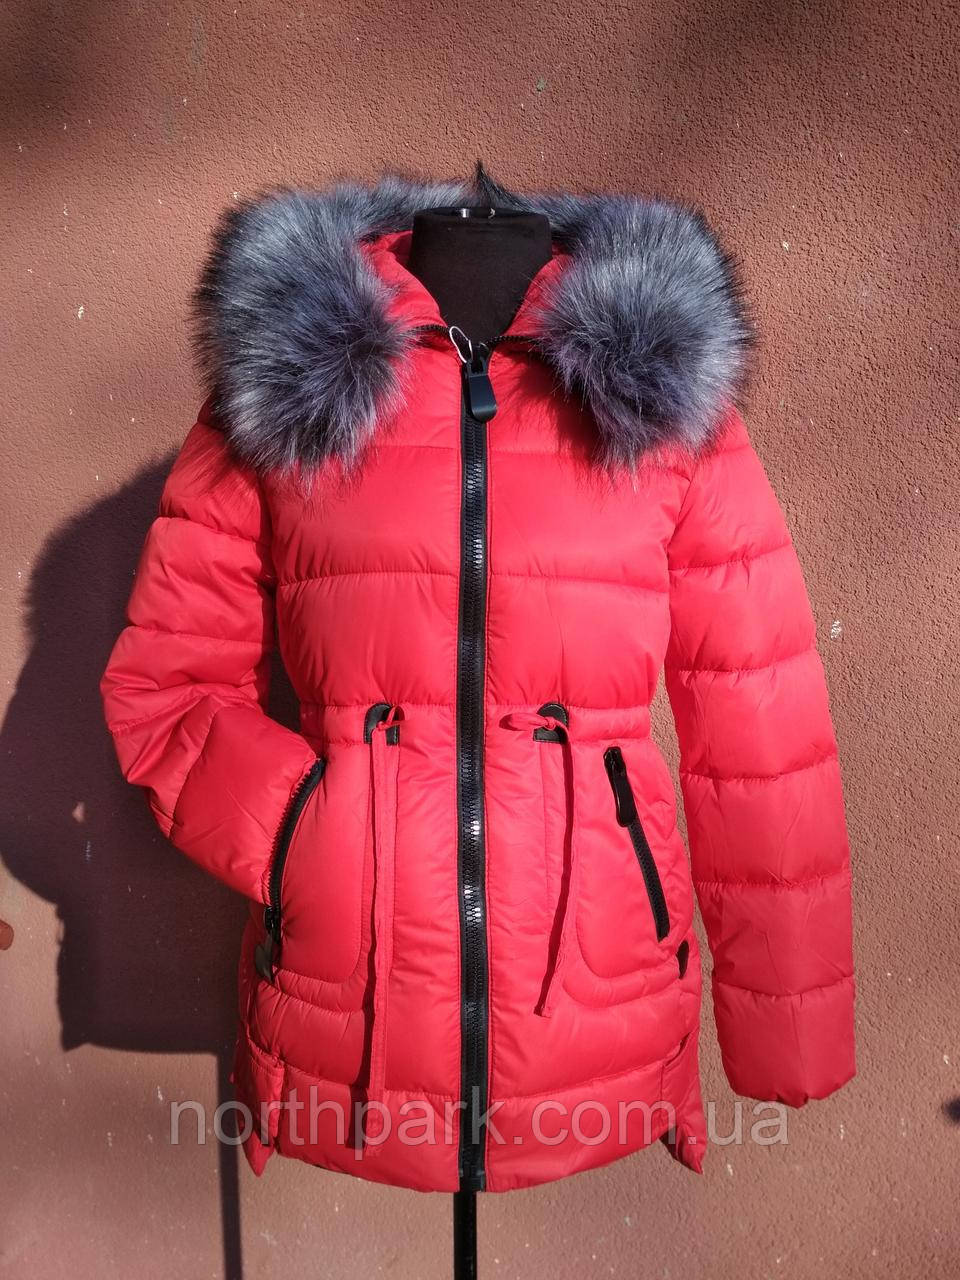 Куртка-парка женская утепленная тинсулейтом